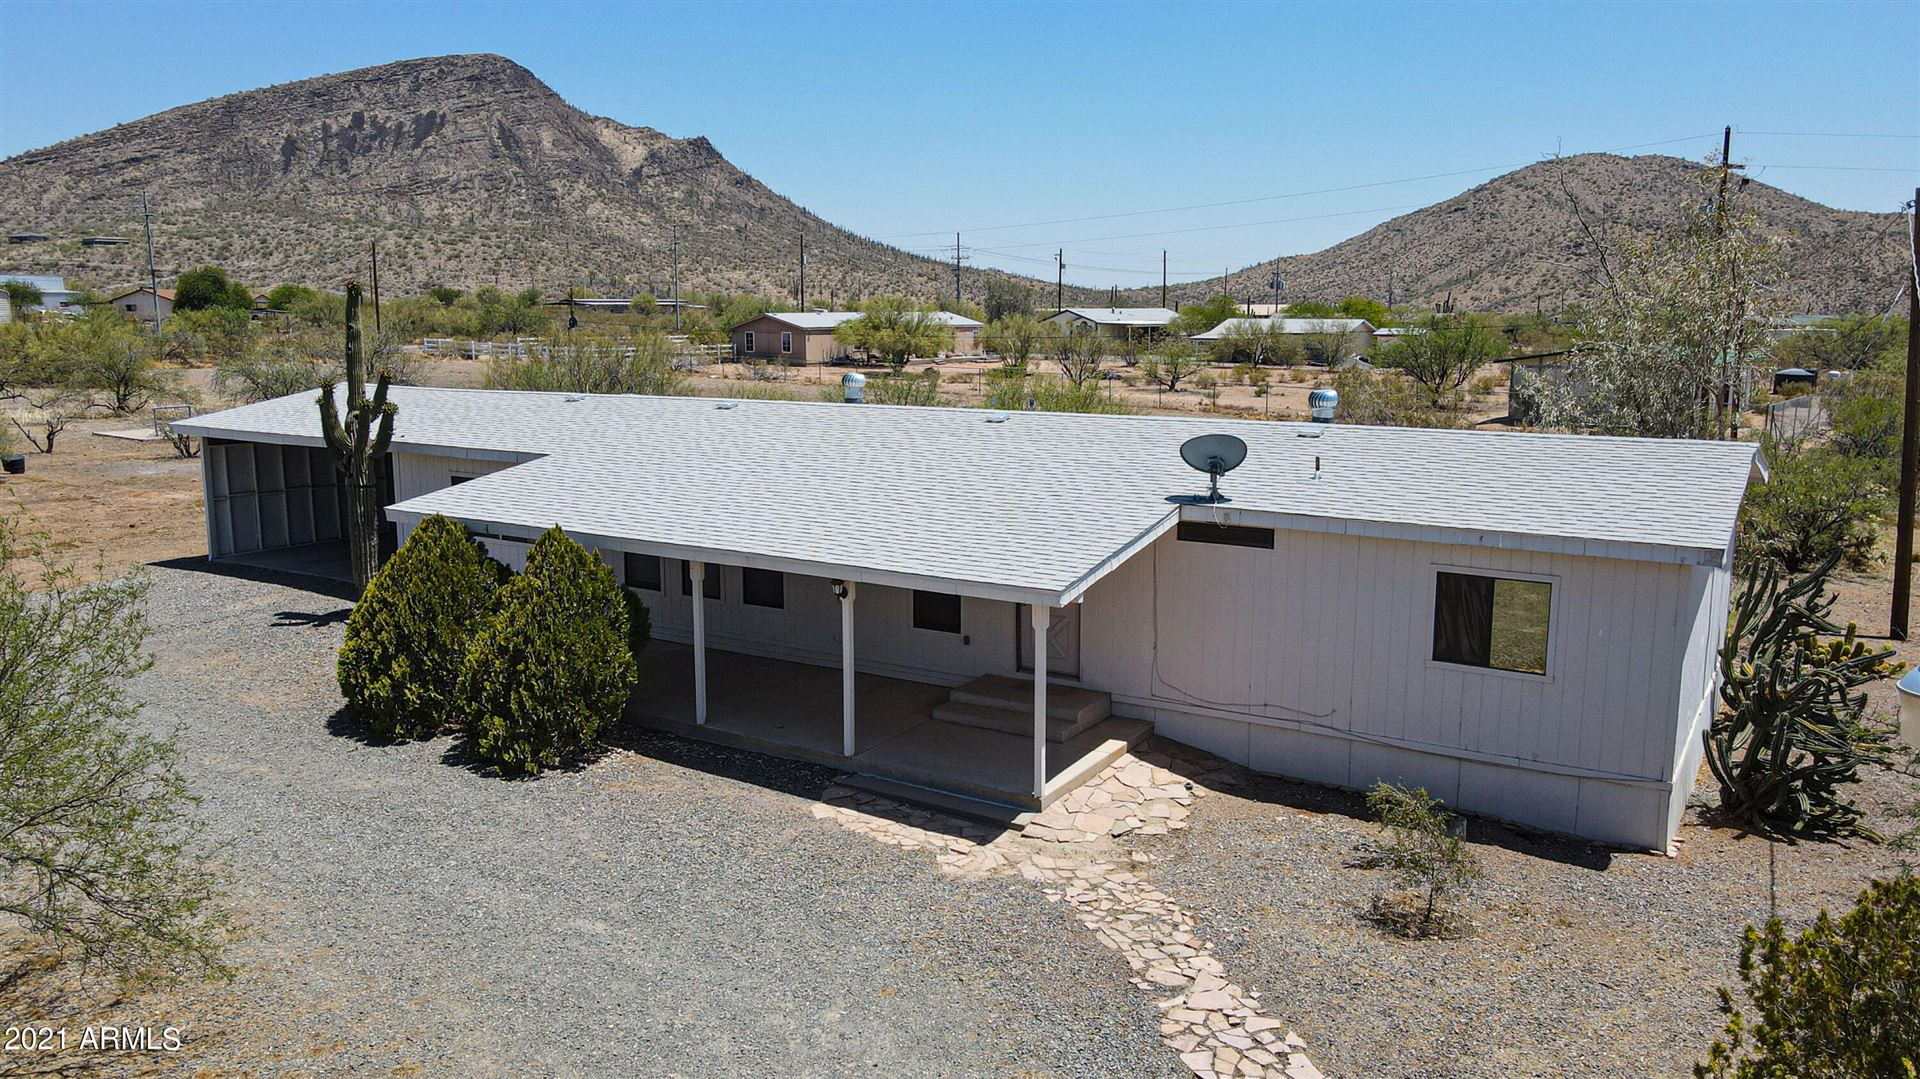 43008 N 16TH Street, New River, AZ 85087 - MLS#: 6254665